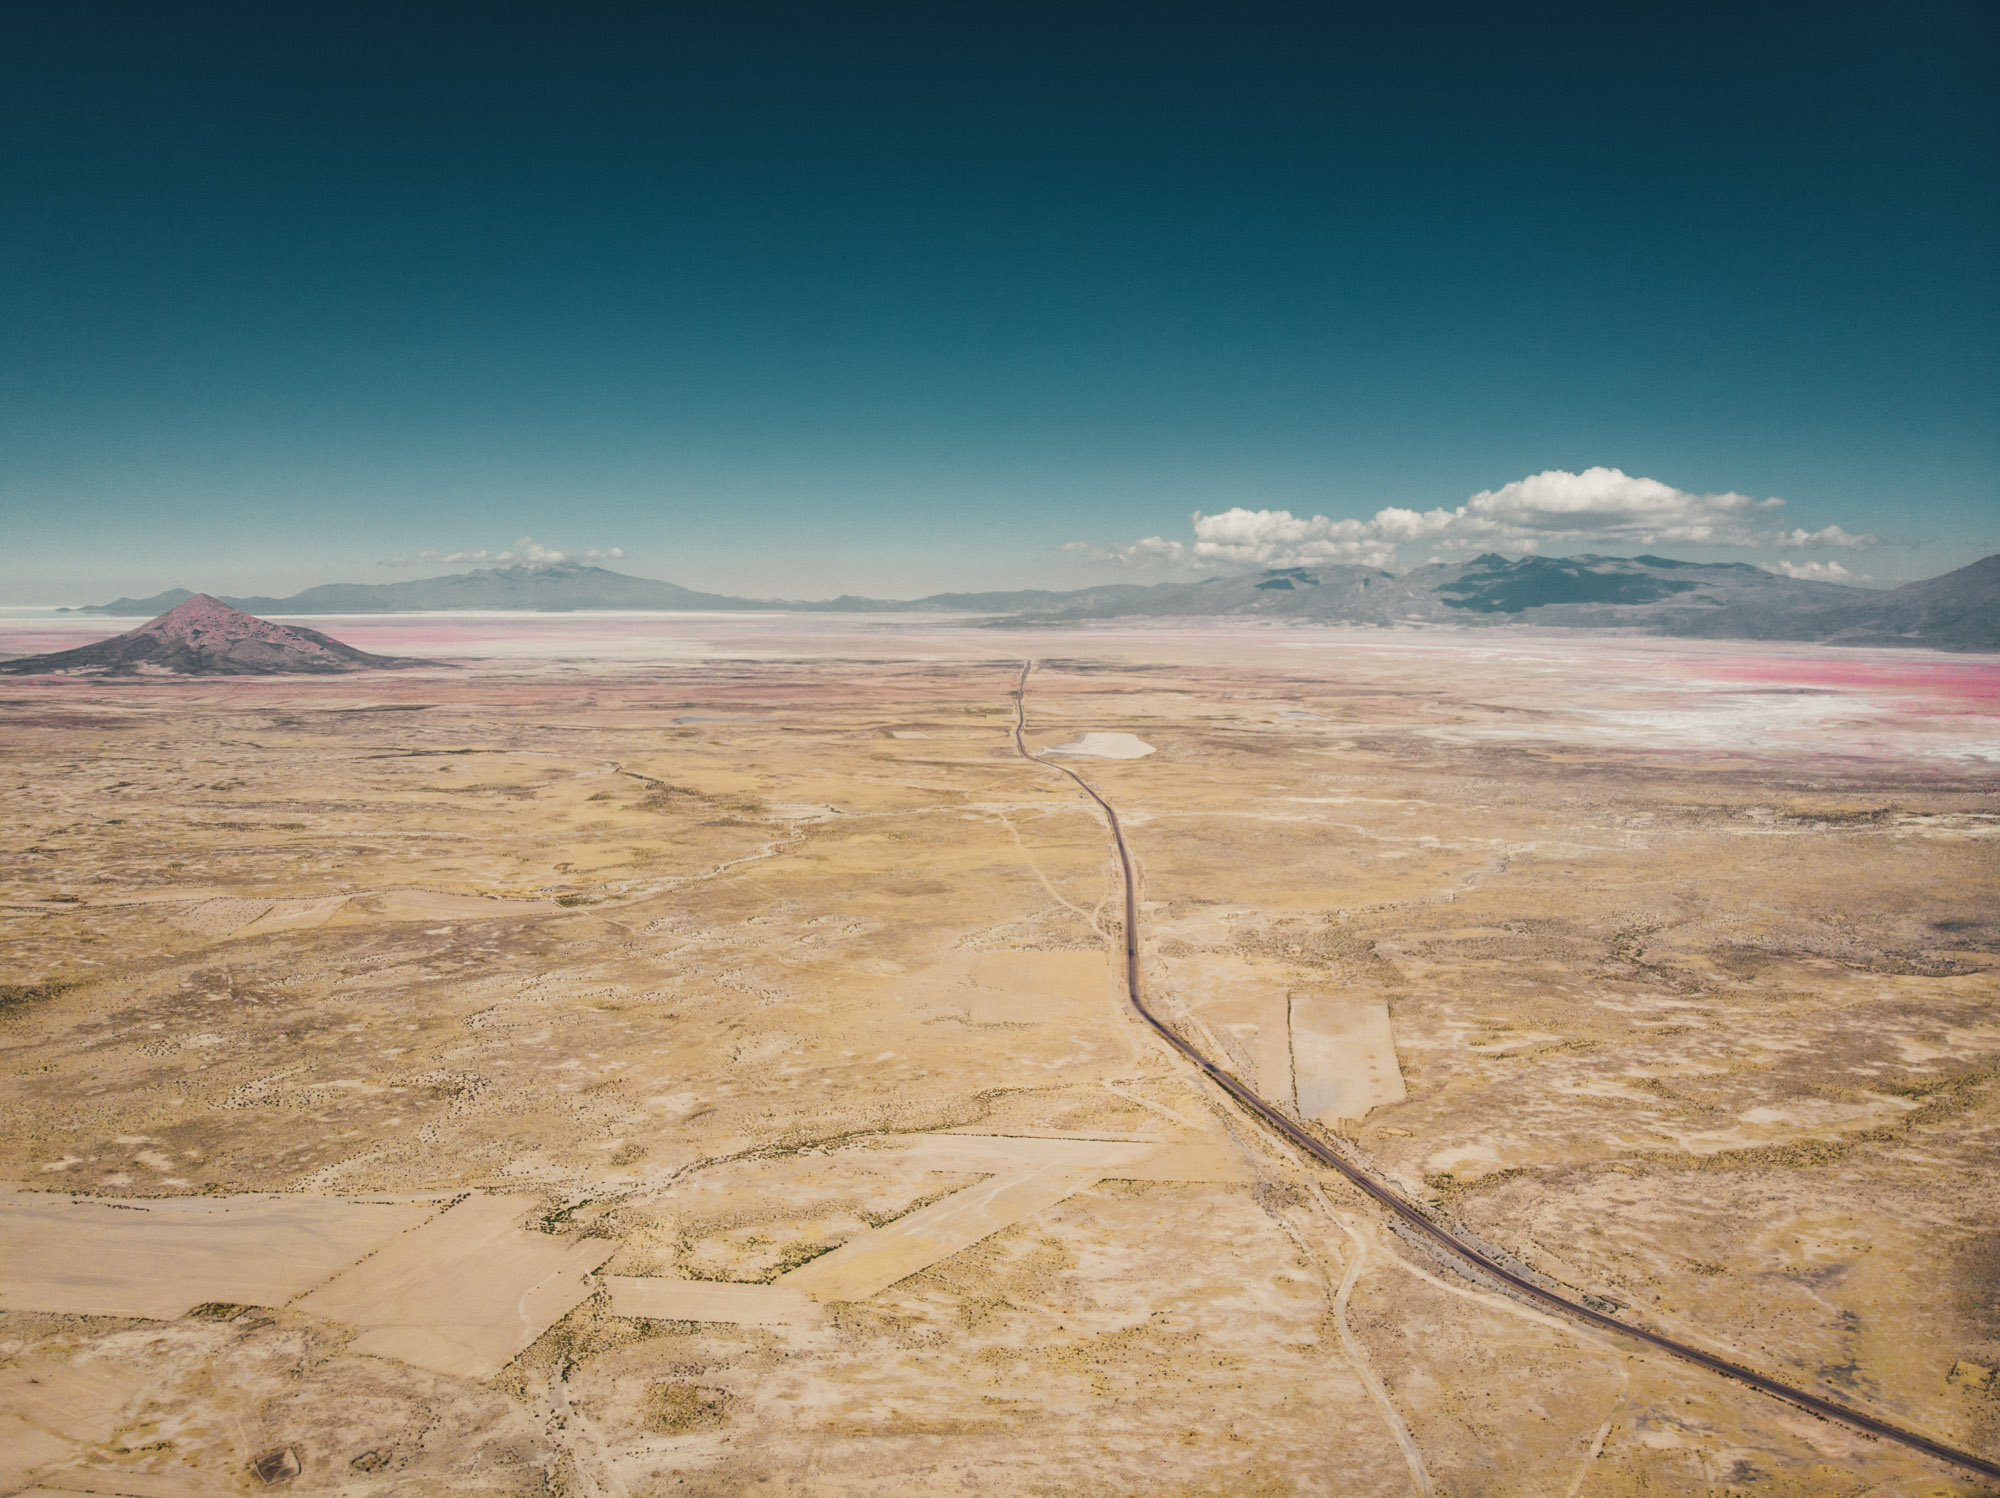 Salar de Uyuni in the far distance